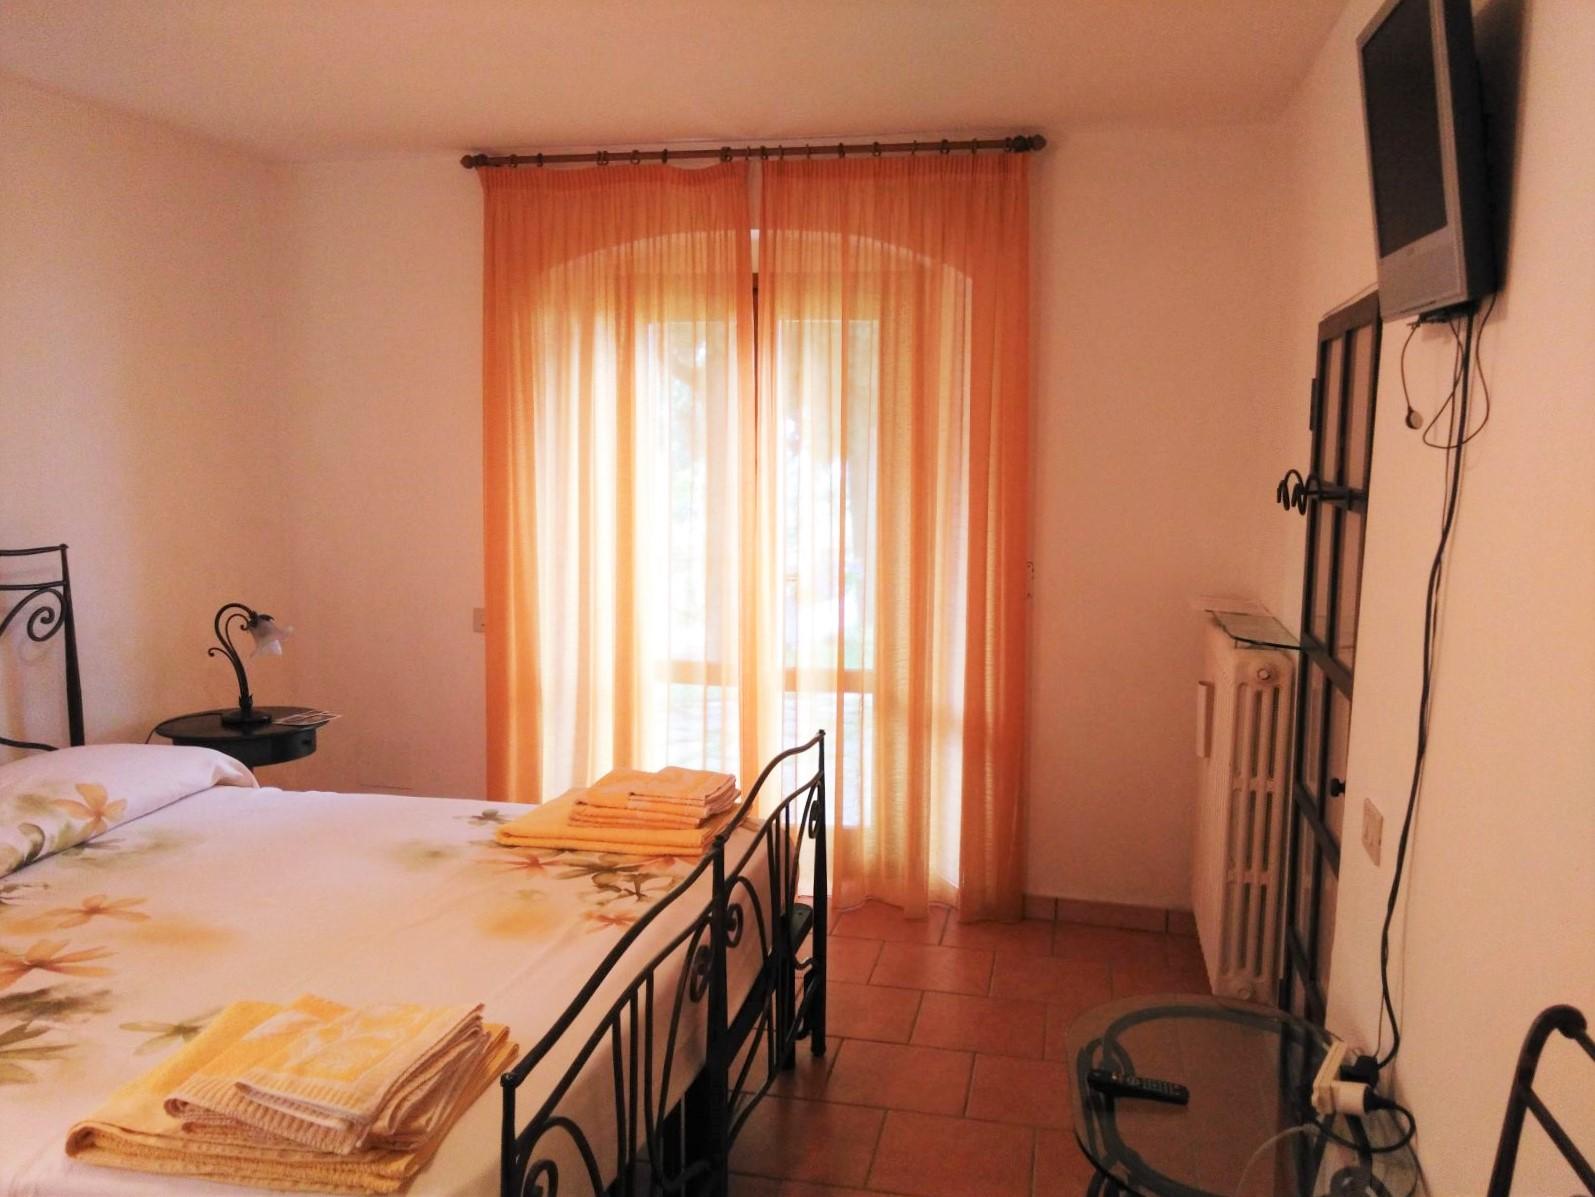 chambre double /deux lits rez-de-chaussée côté sud-est